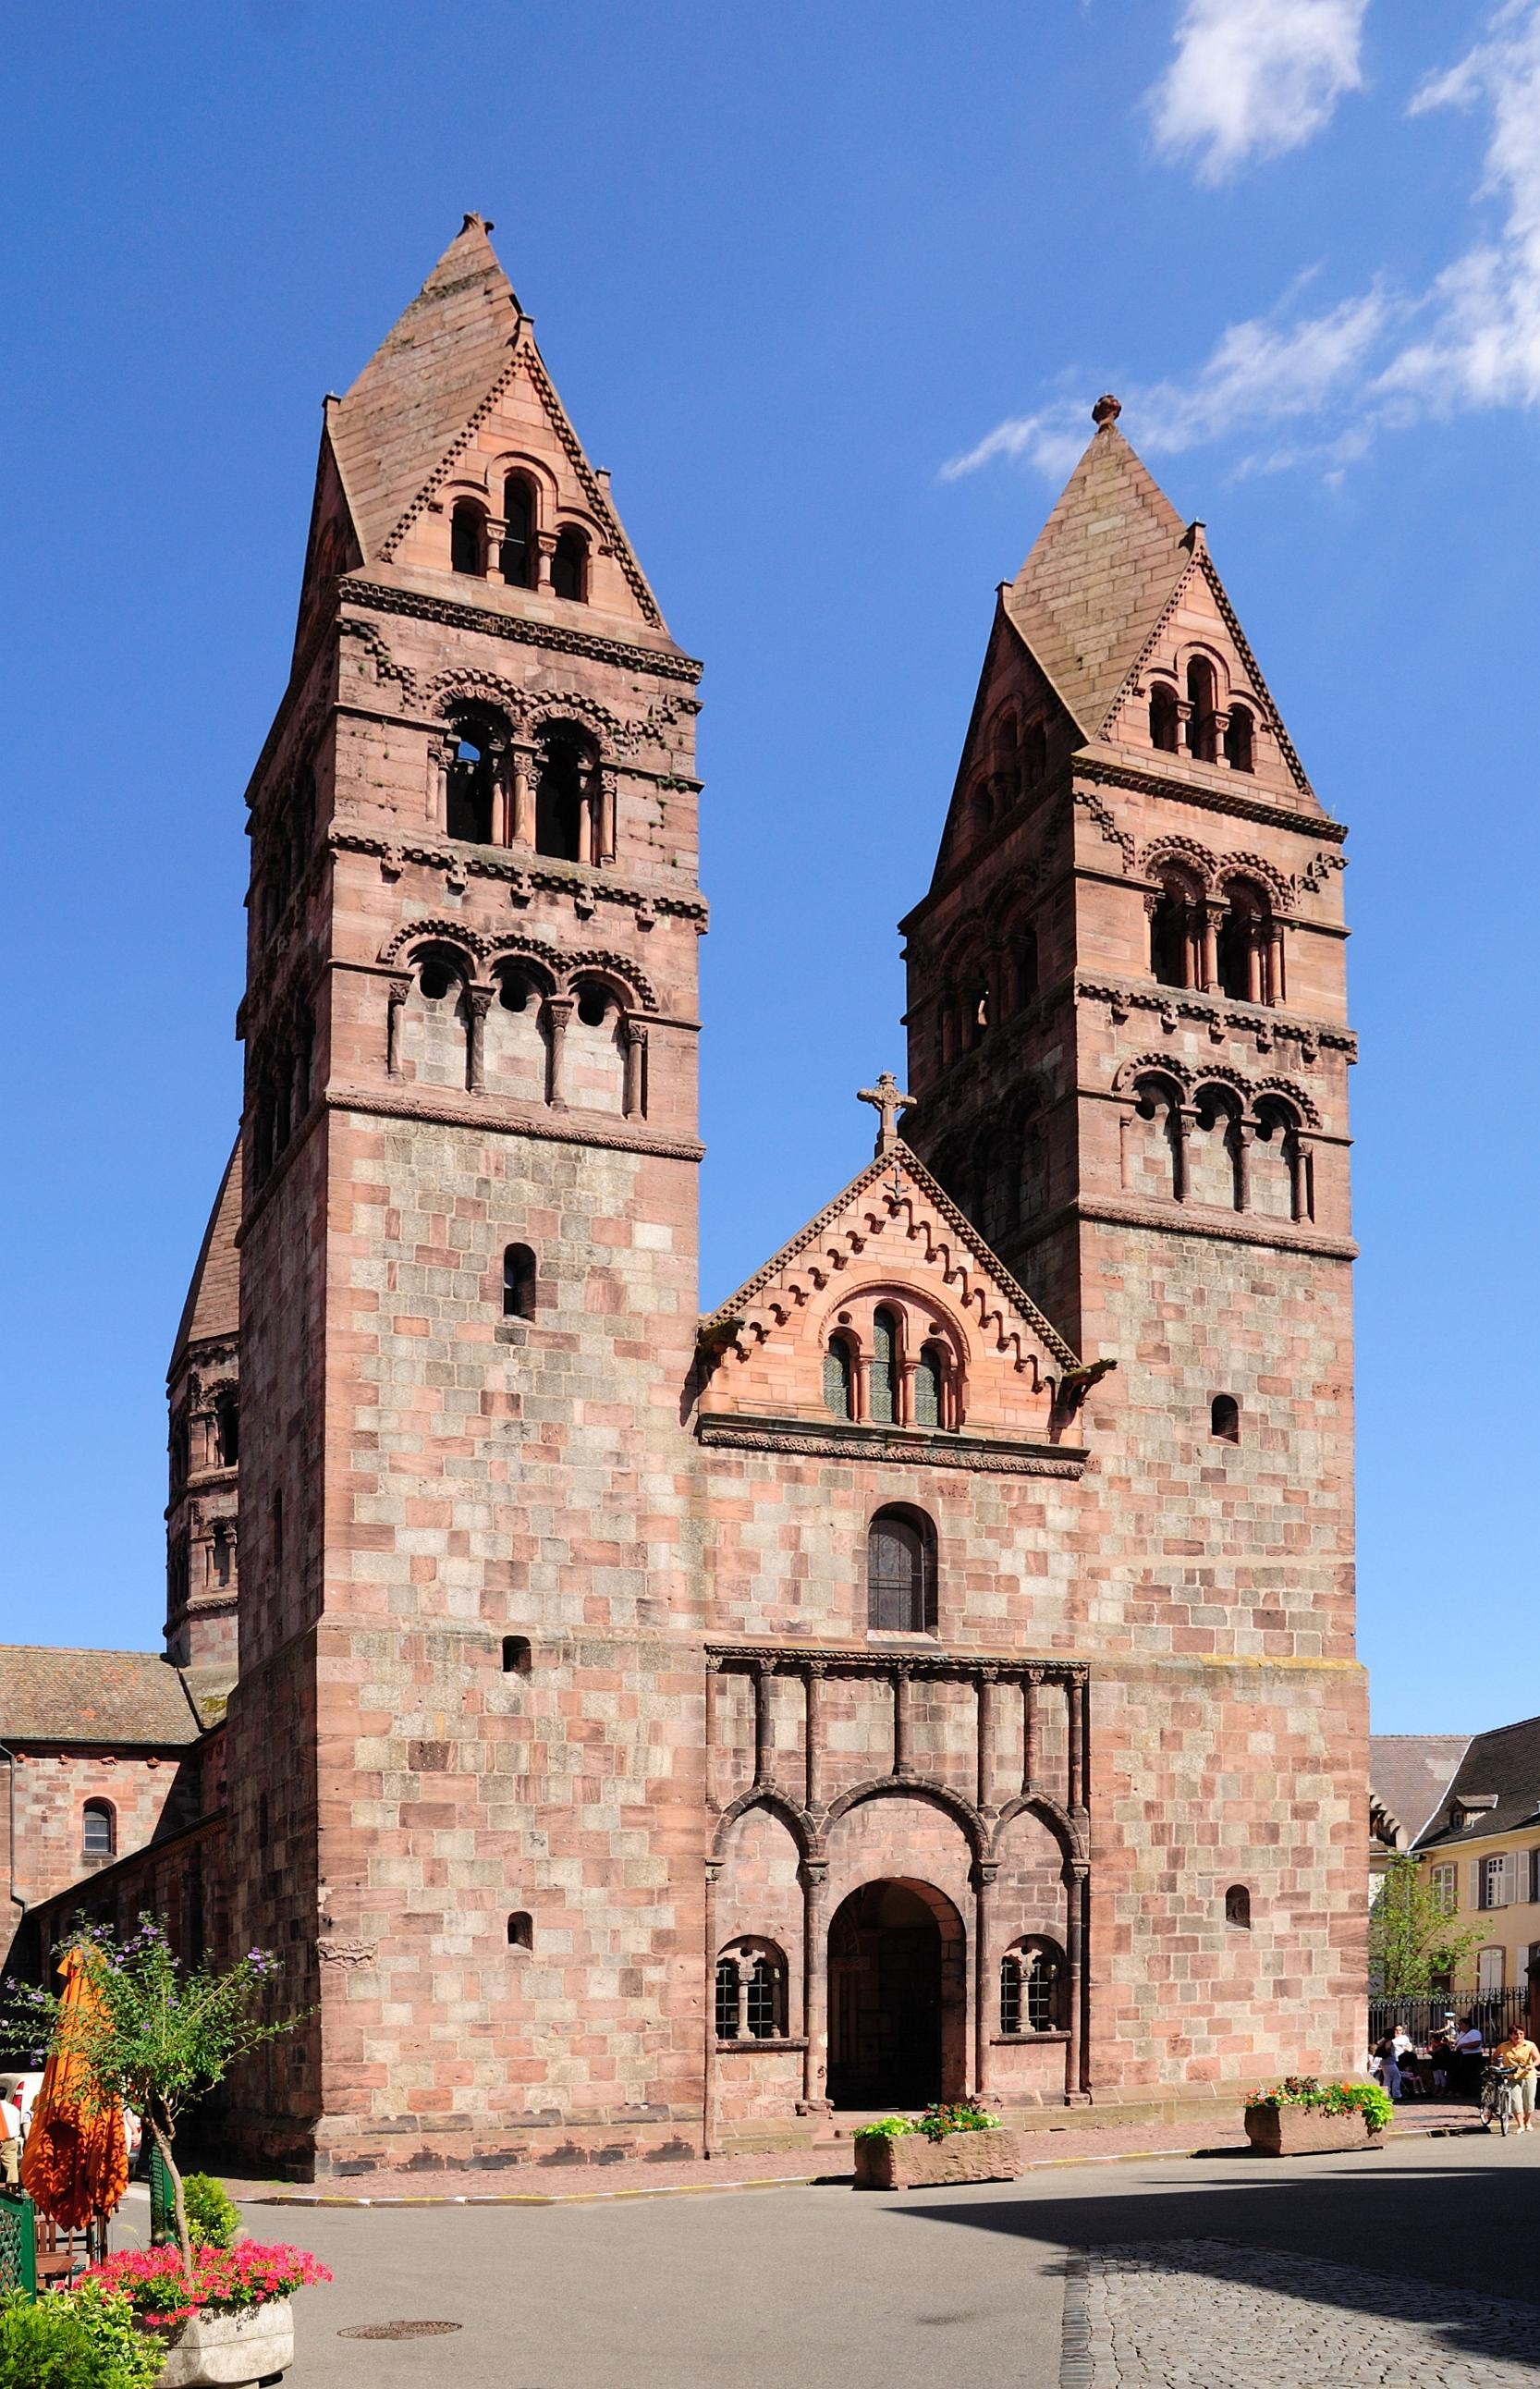 https://upload.wikimedia.org/wikipedia/commons/6/65/Eglise_Sainte-Foy_Selestat2.jpg